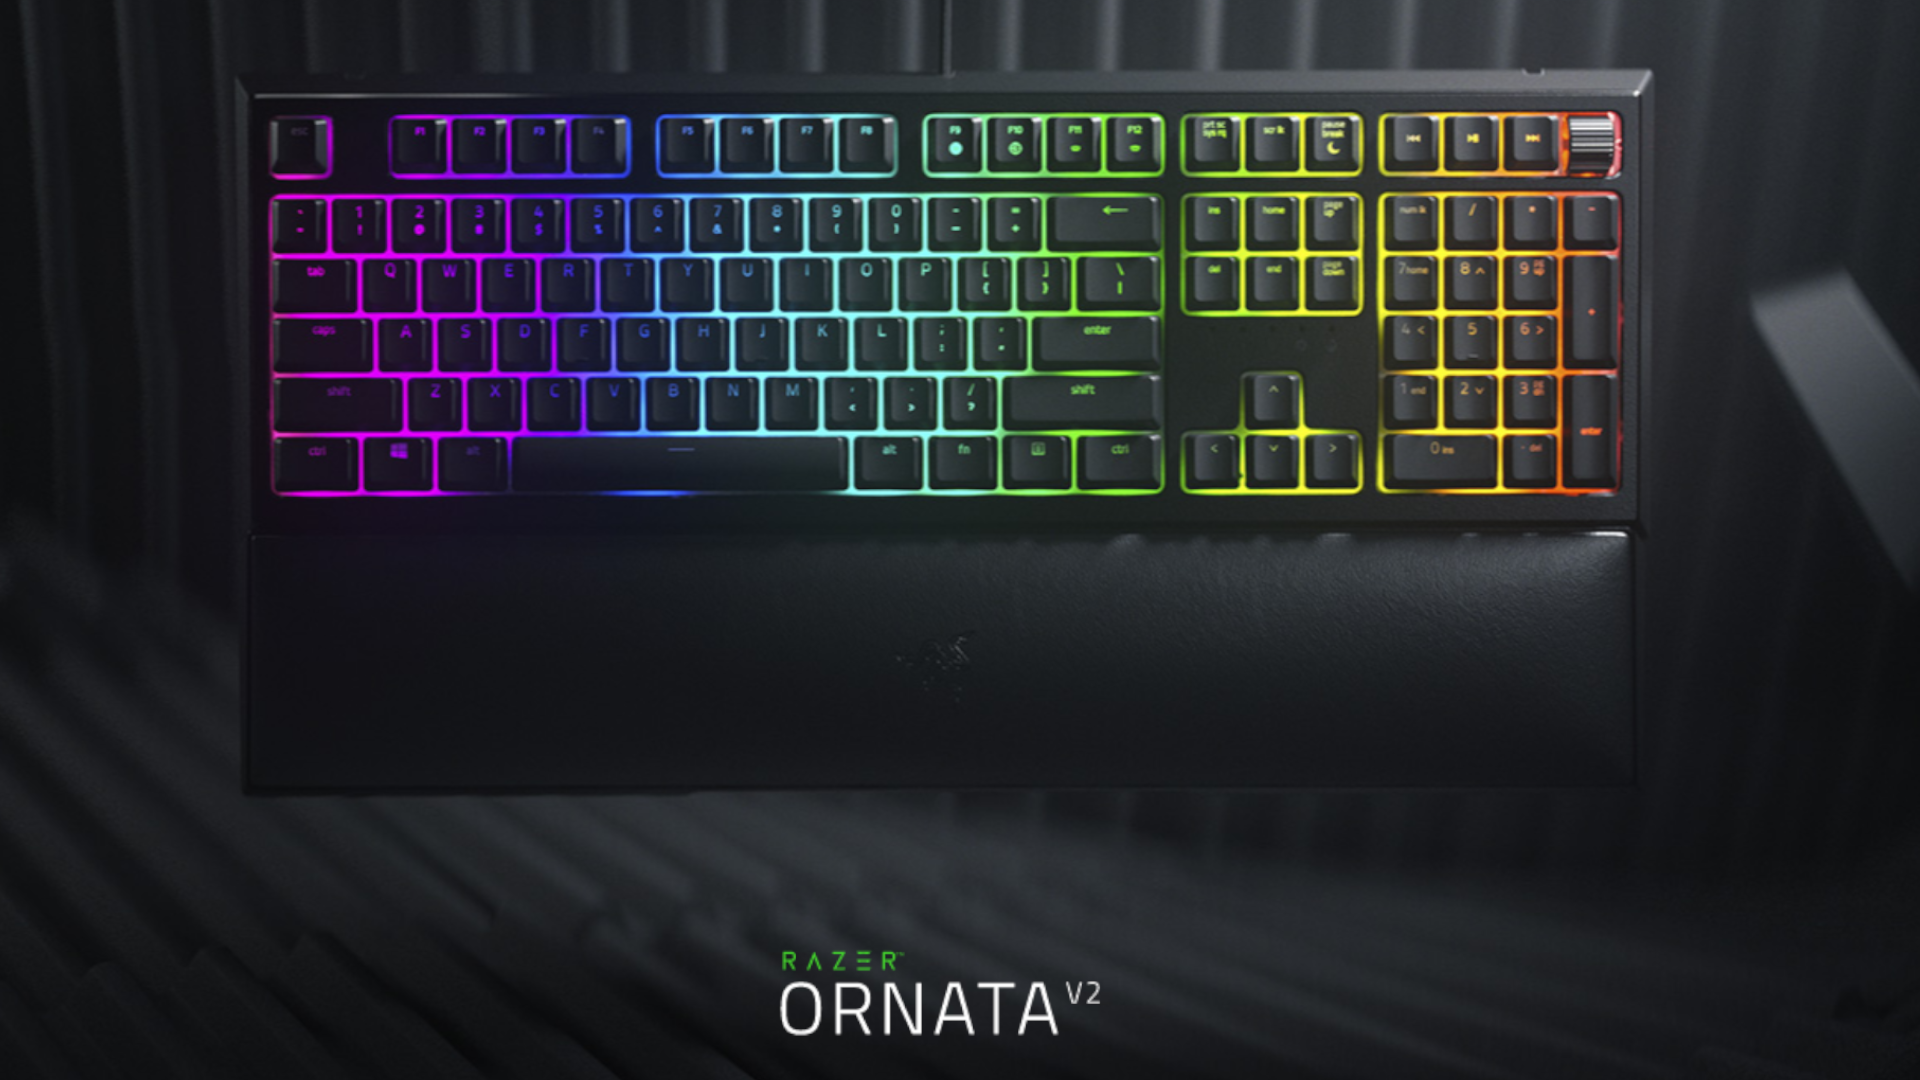 O teclado gamer Razer Ornata V2 aposta em switch de membrana com resposta táctil e sonora (Foto: Divulgação/Razer)